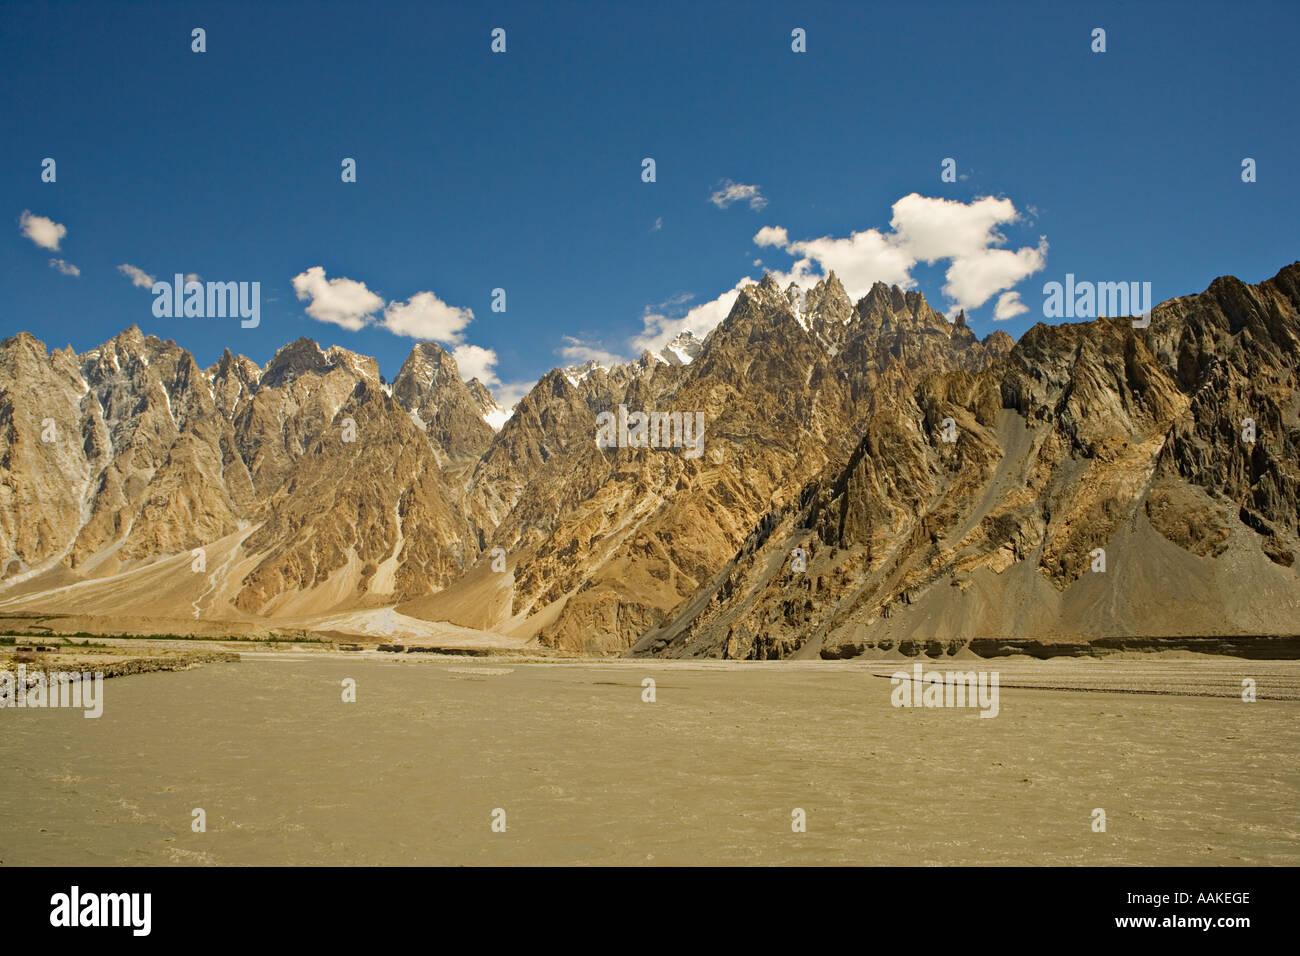 Passu cones, Karakoram mountains, Northern areas, Pakistan - Stock Image